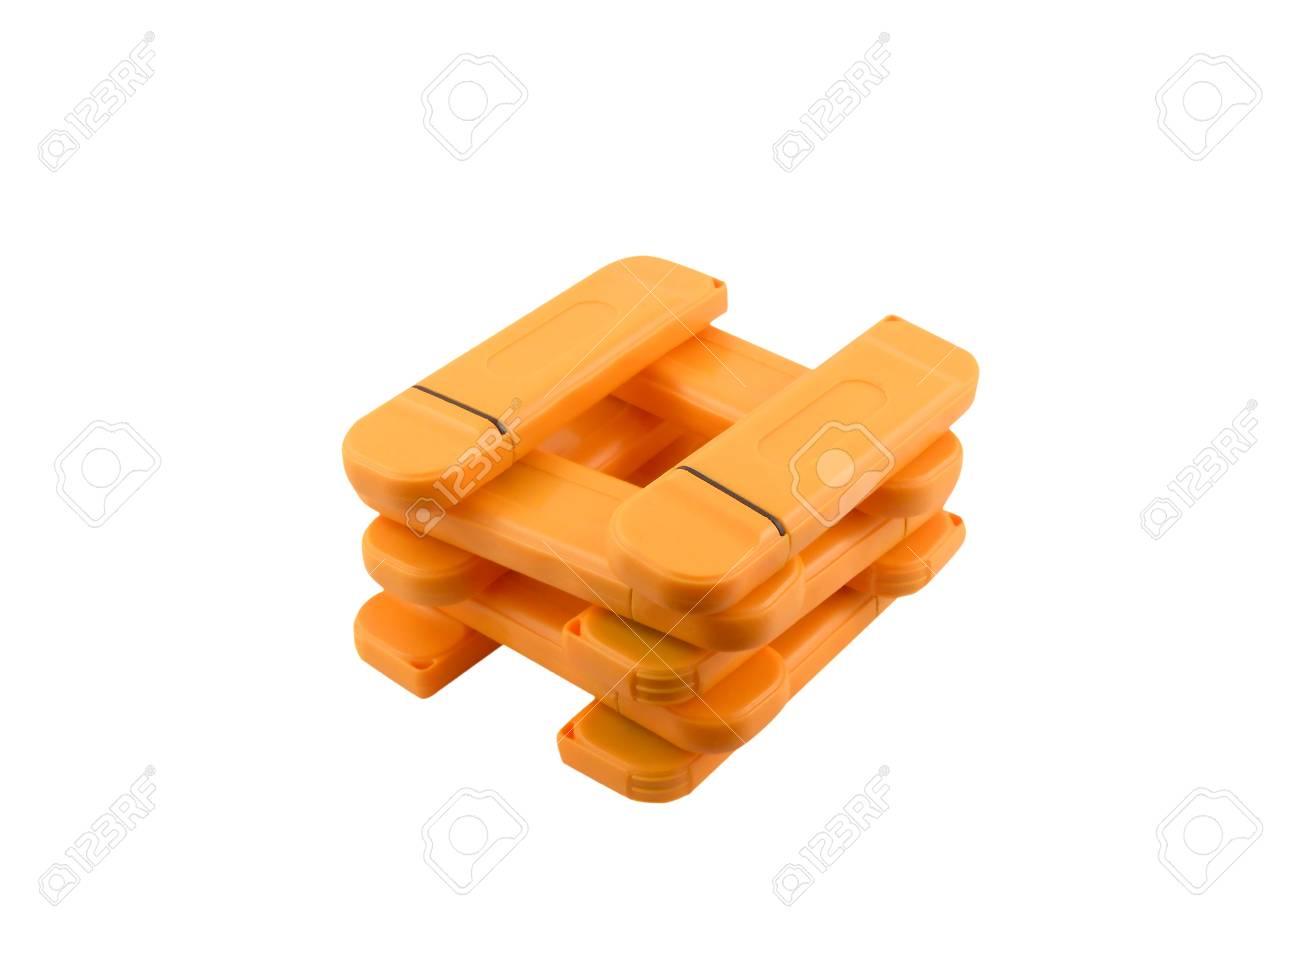 Usb flash memory set isolated on white background Stock Photo - 17062647